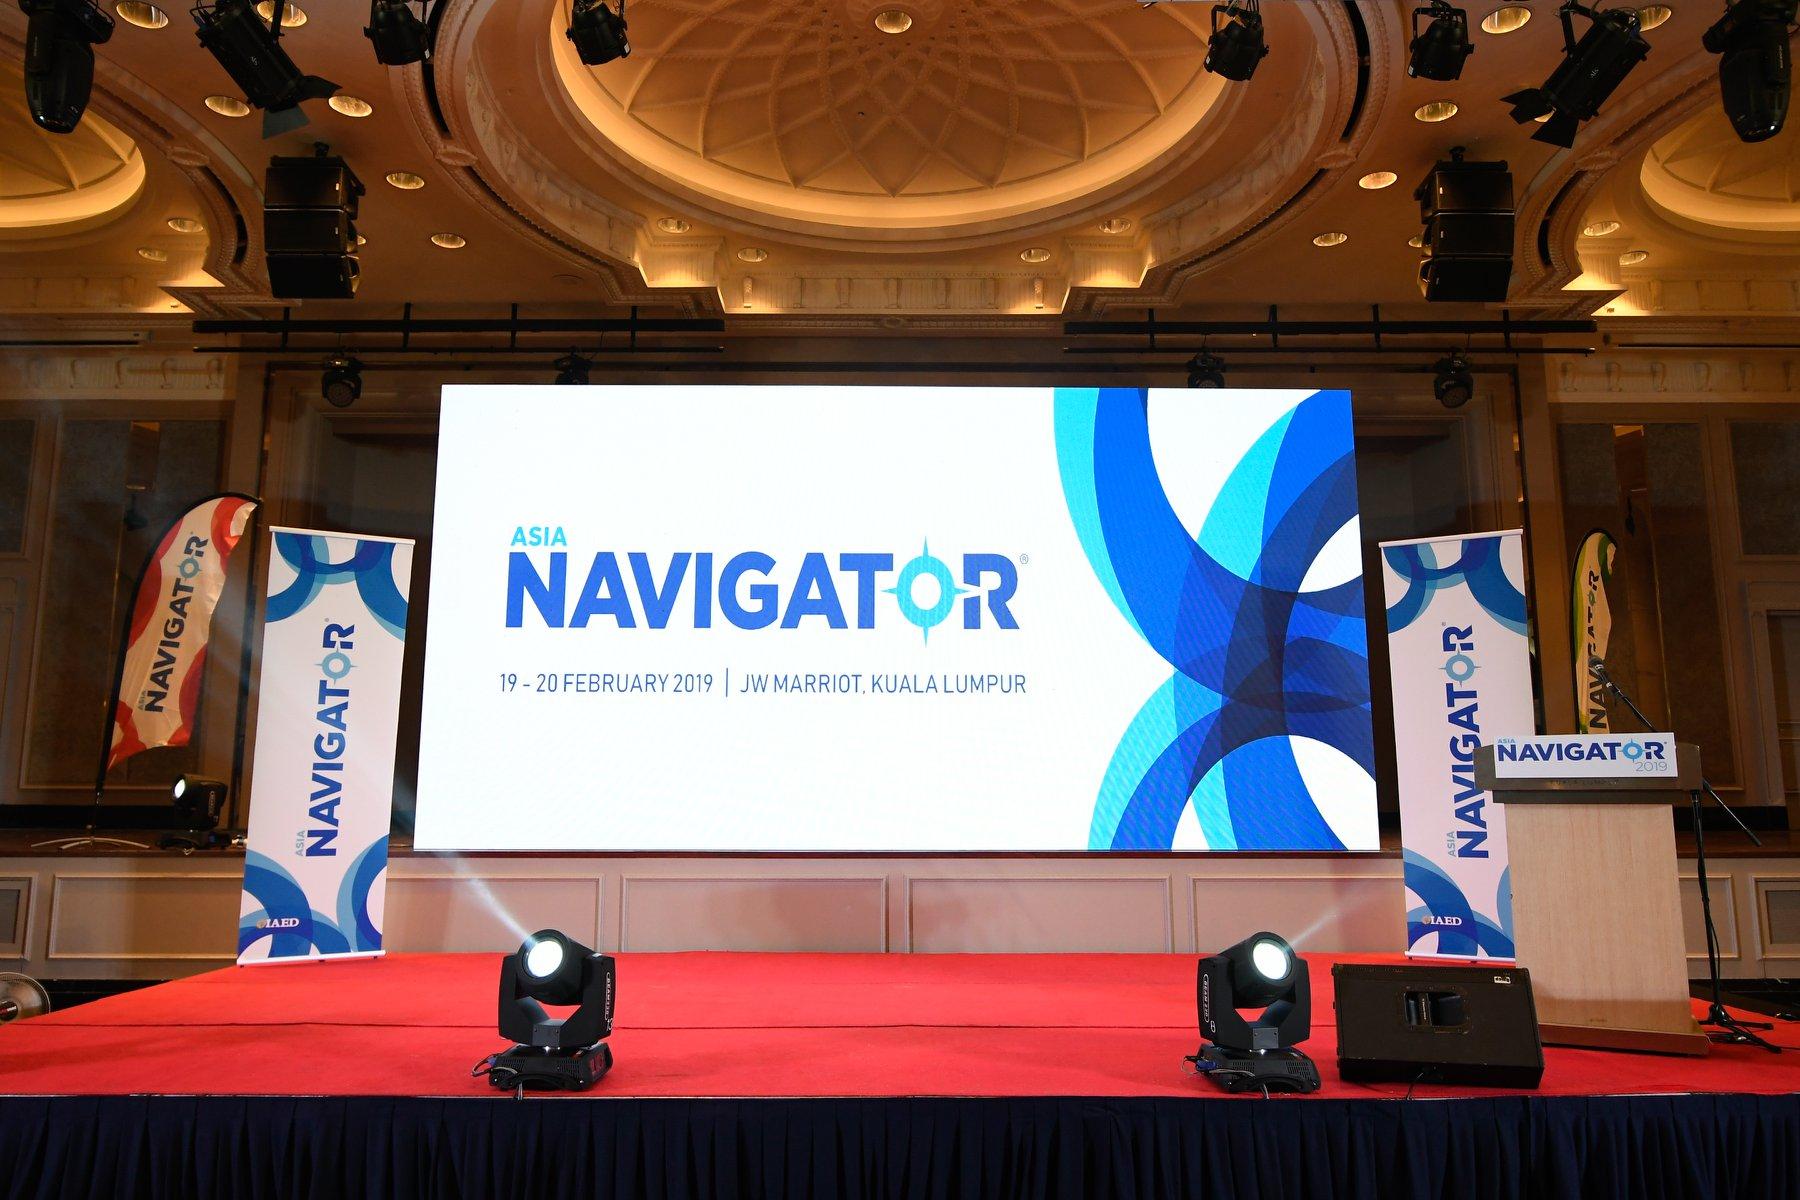 2019: Asia Navigator